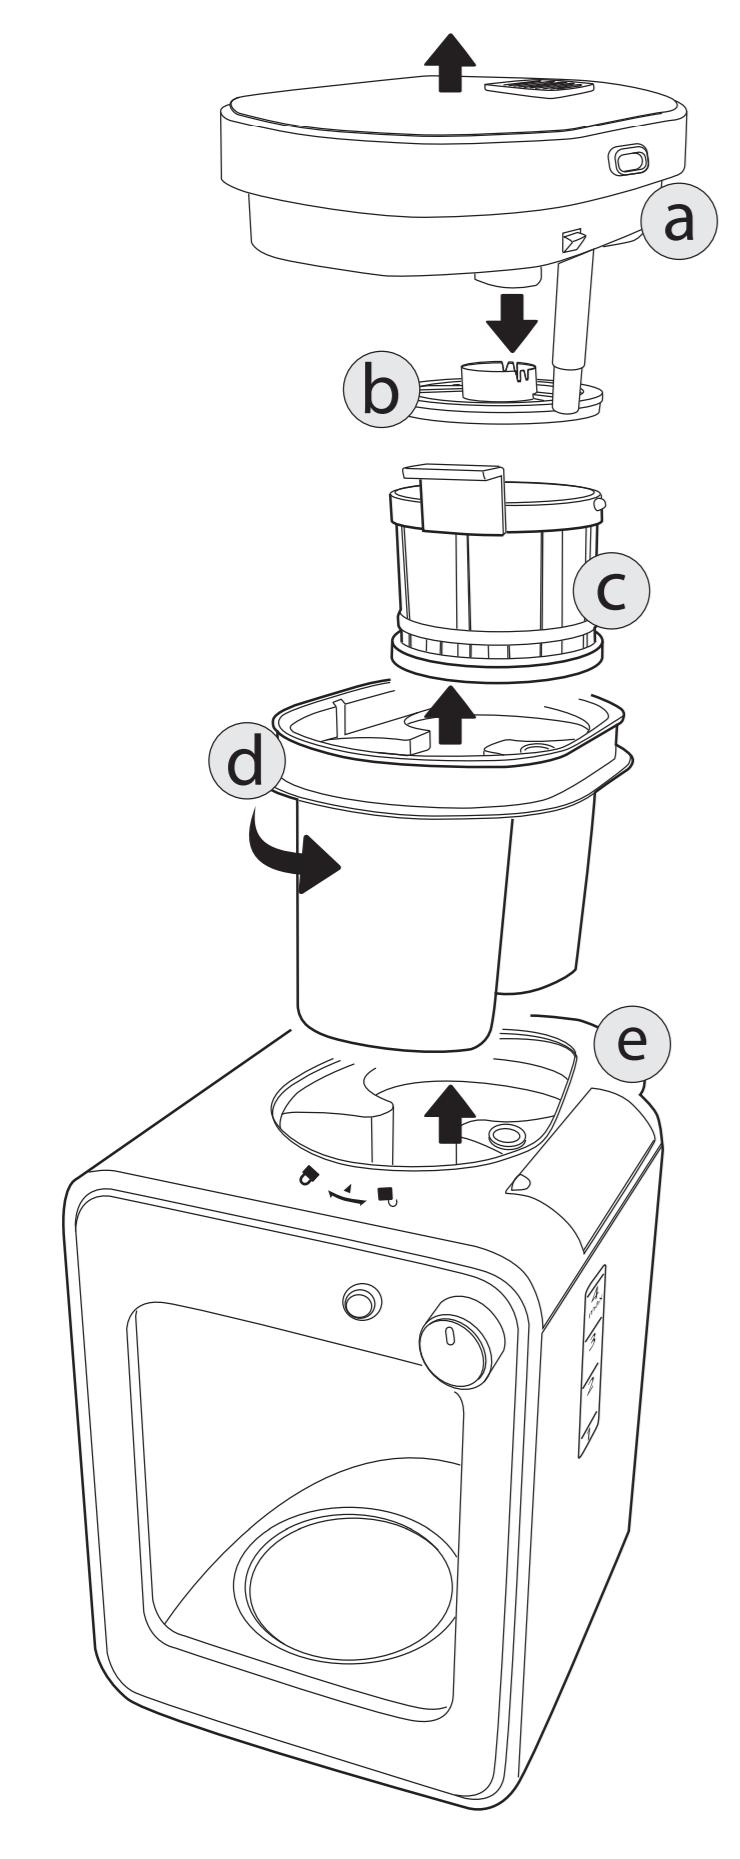 ماكينة صنع القهوة الذكية Redmond SkyCoffee M1505S-E: هل ما زلت تحضر القهوة؟ 13